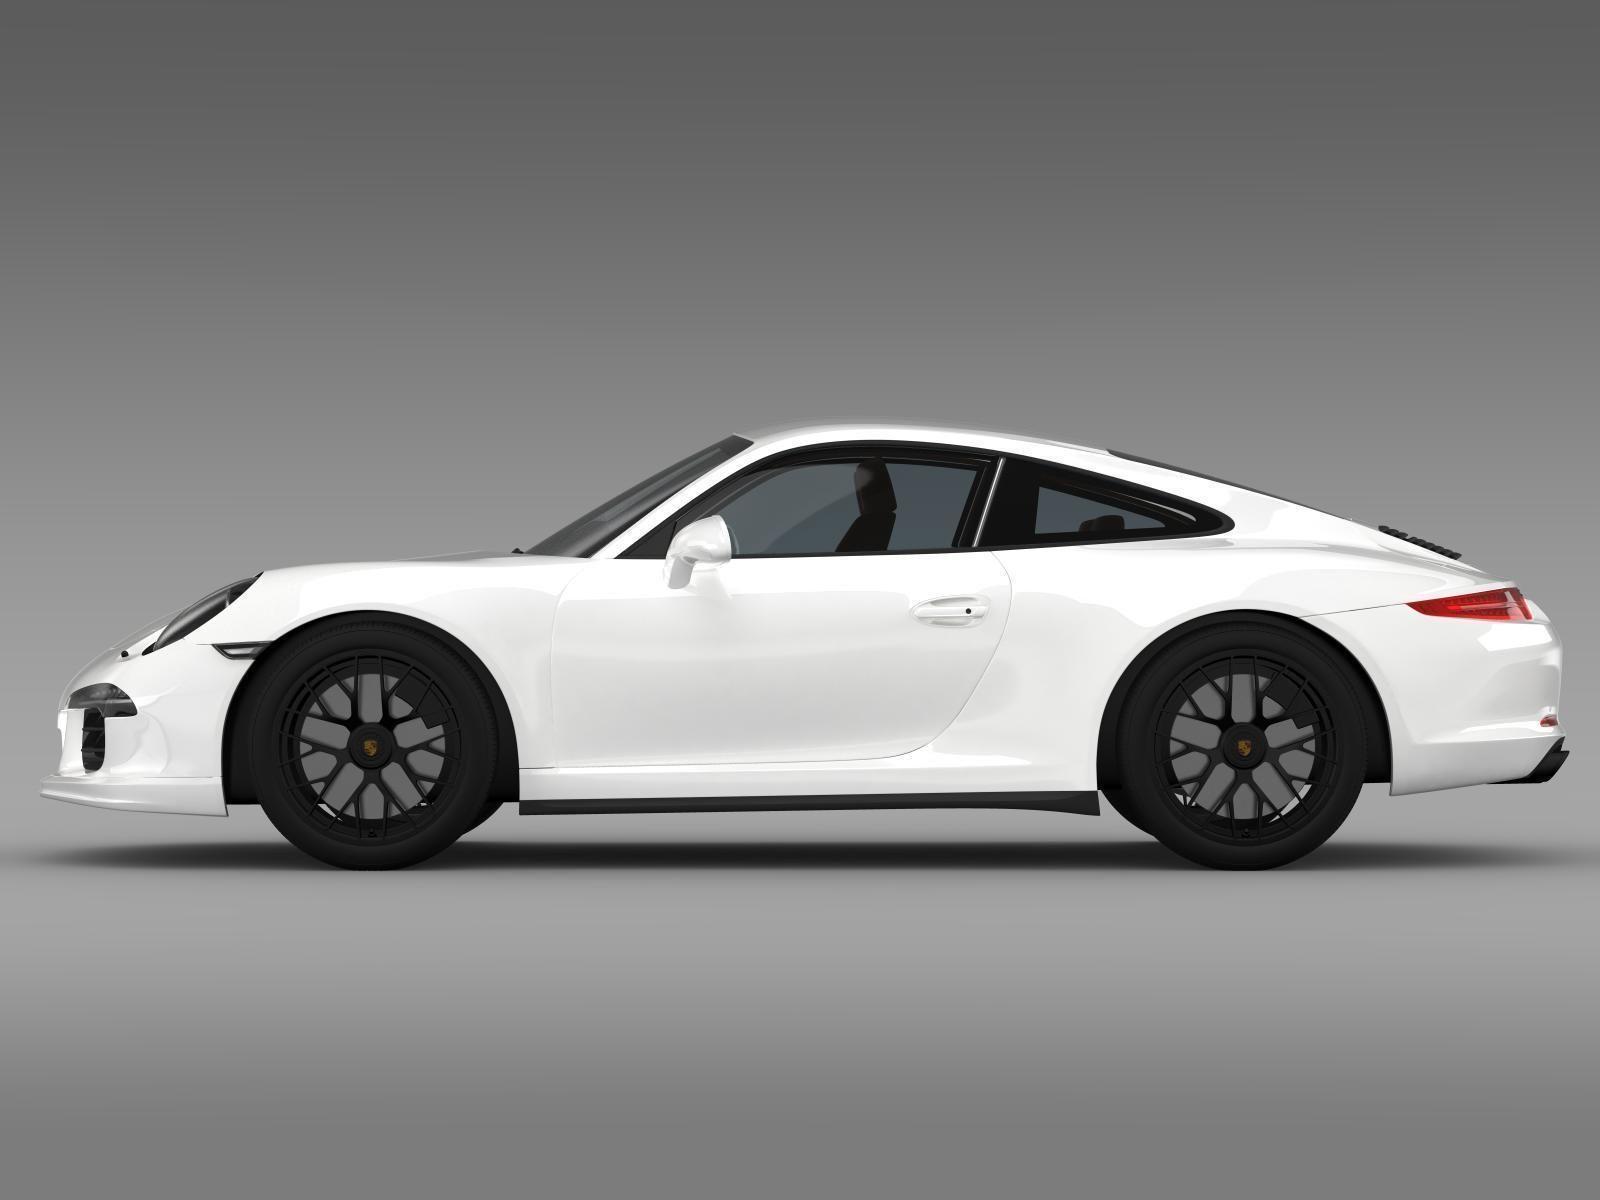 porsche 911 carrera gts coupe 991 2015 3d model max obj 3ds fbx c4d lwo lw lws. Black Bedroom Furniture Sets. Home Design Ideas